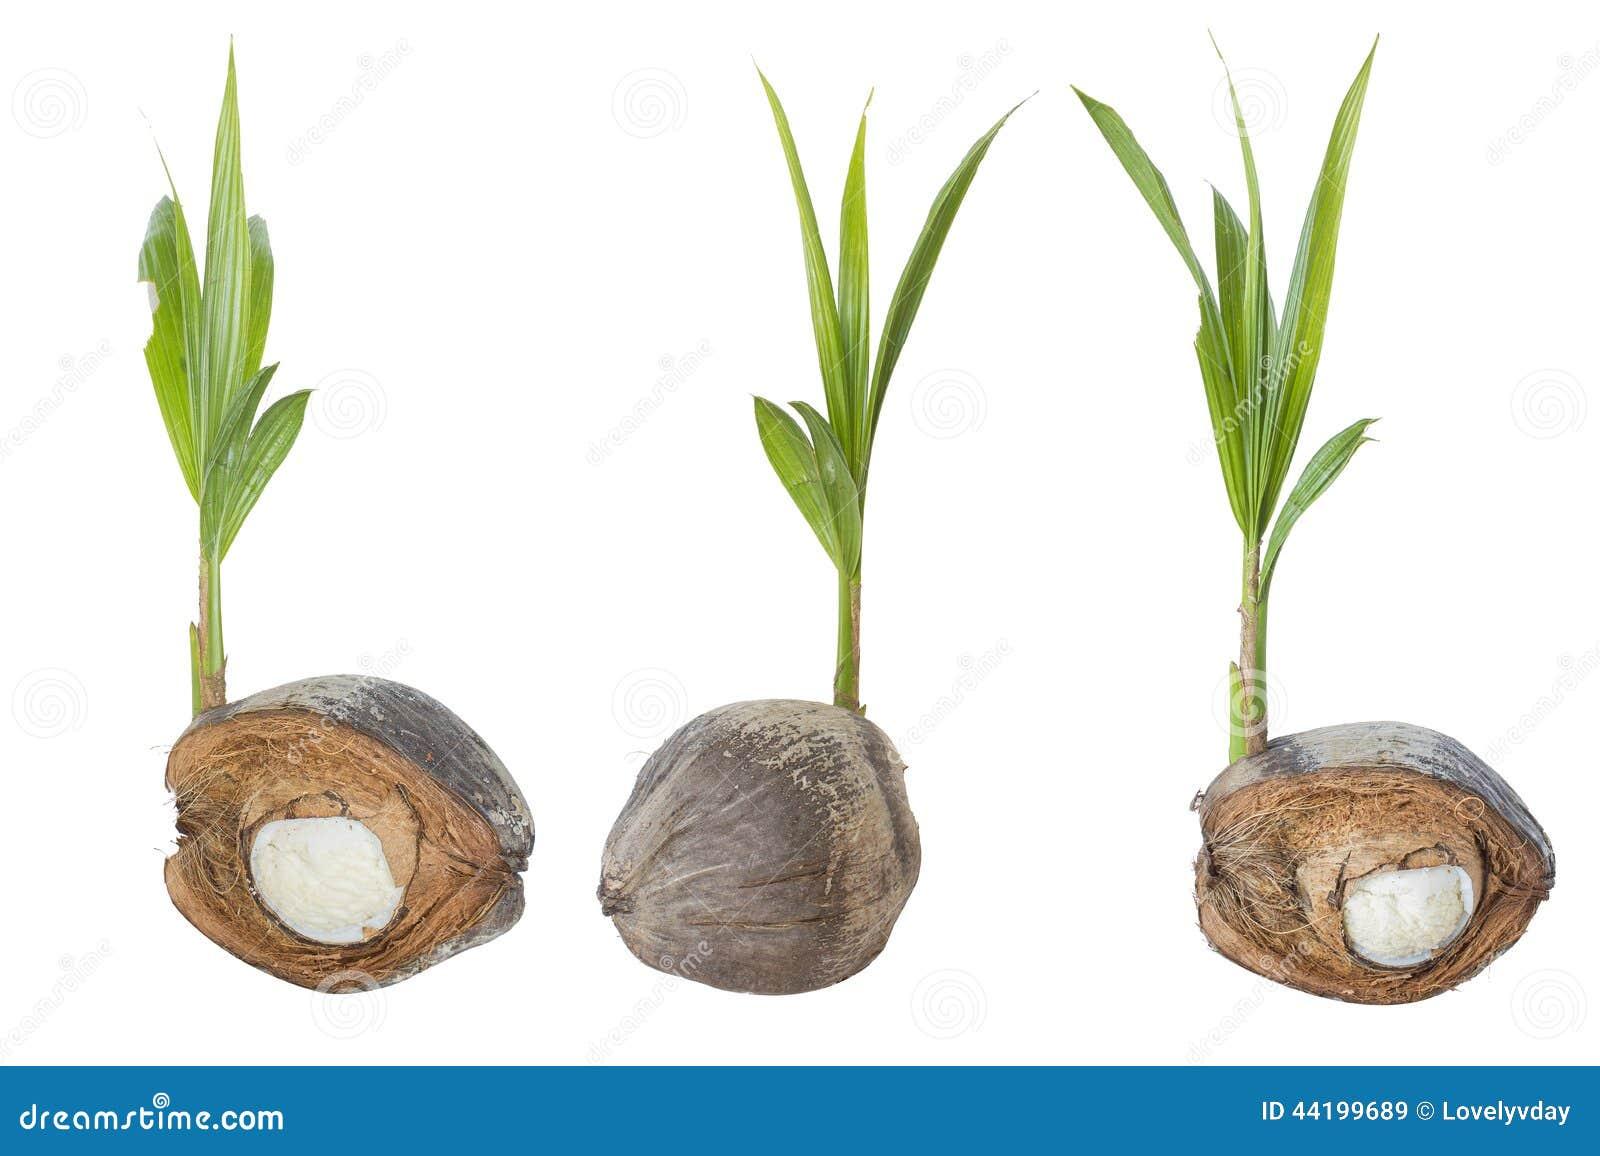 Pousse et bourgeon d 39 embryon d 39 arbre de noix de coco sur le fond blanc photo stock image 44199689 - Arbre noix de coco ...